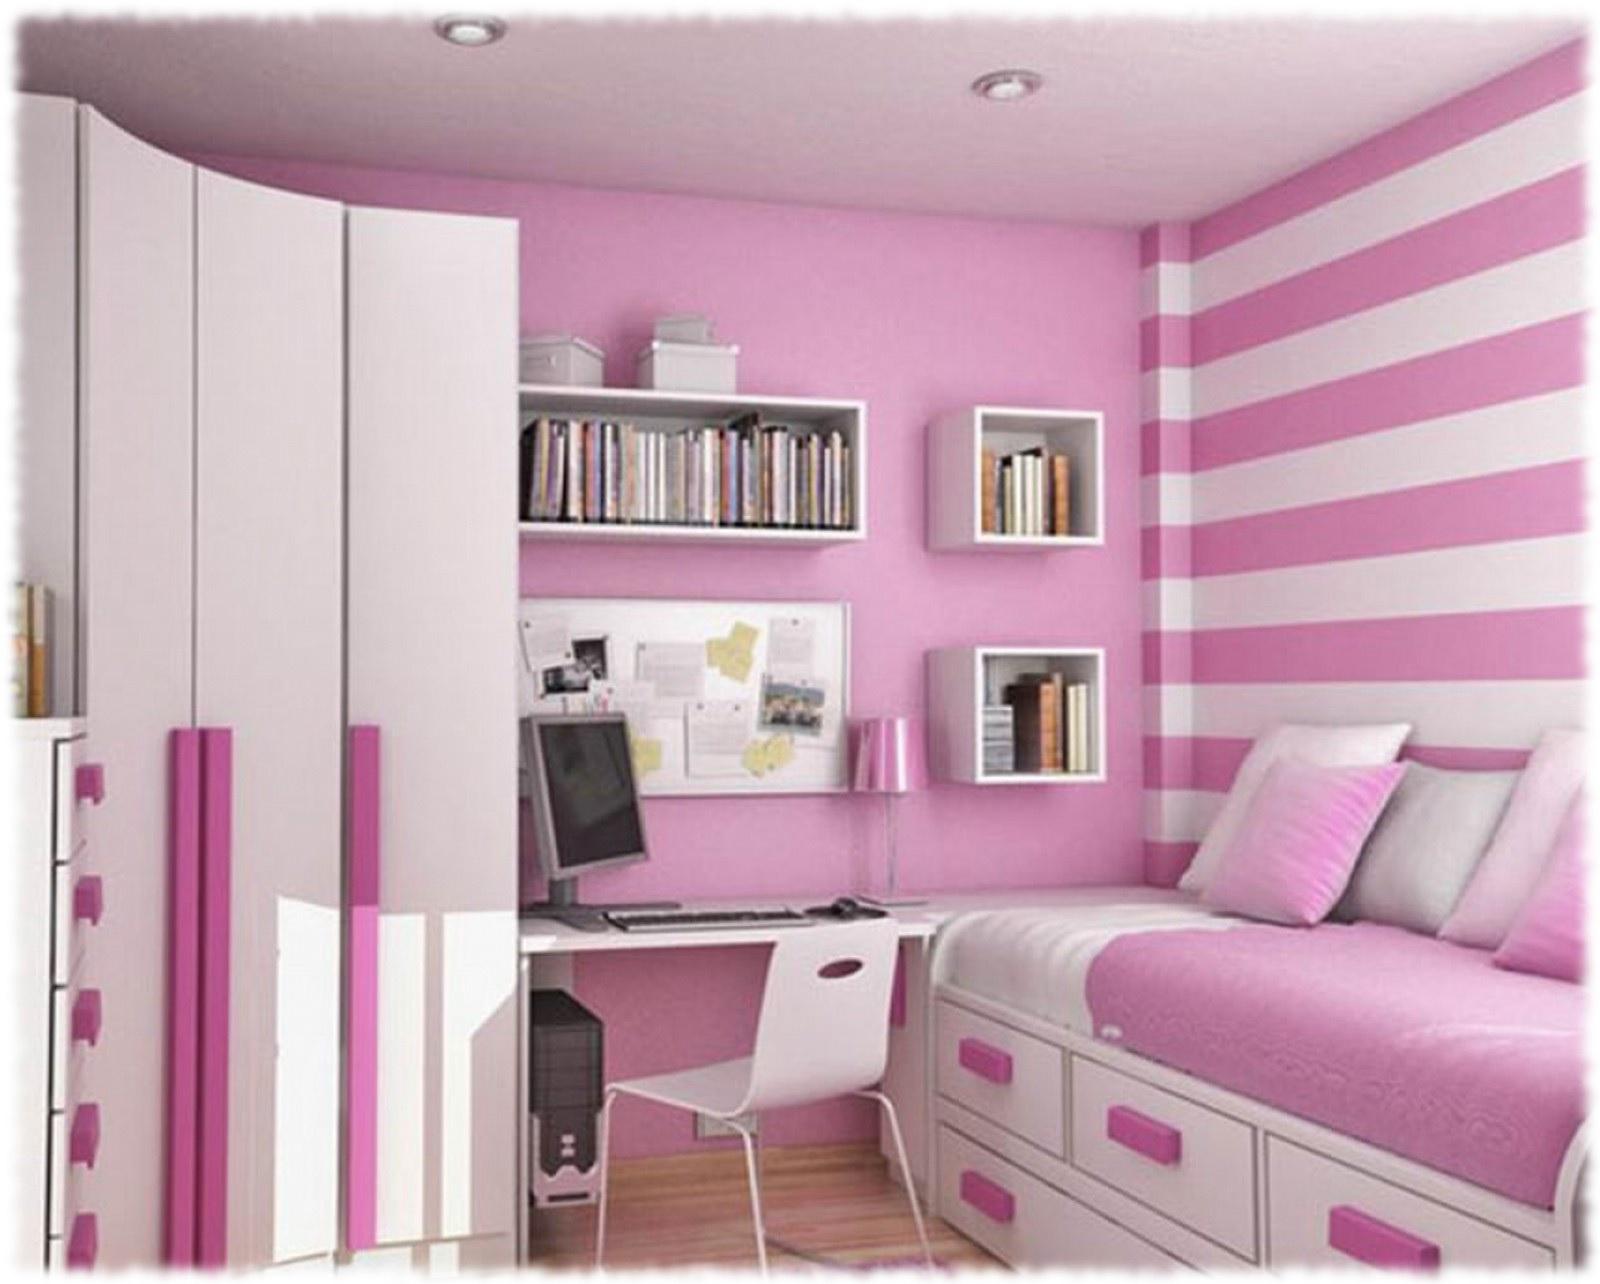 Sai che colore fare le pareti di casa? - Blog Specialista ...